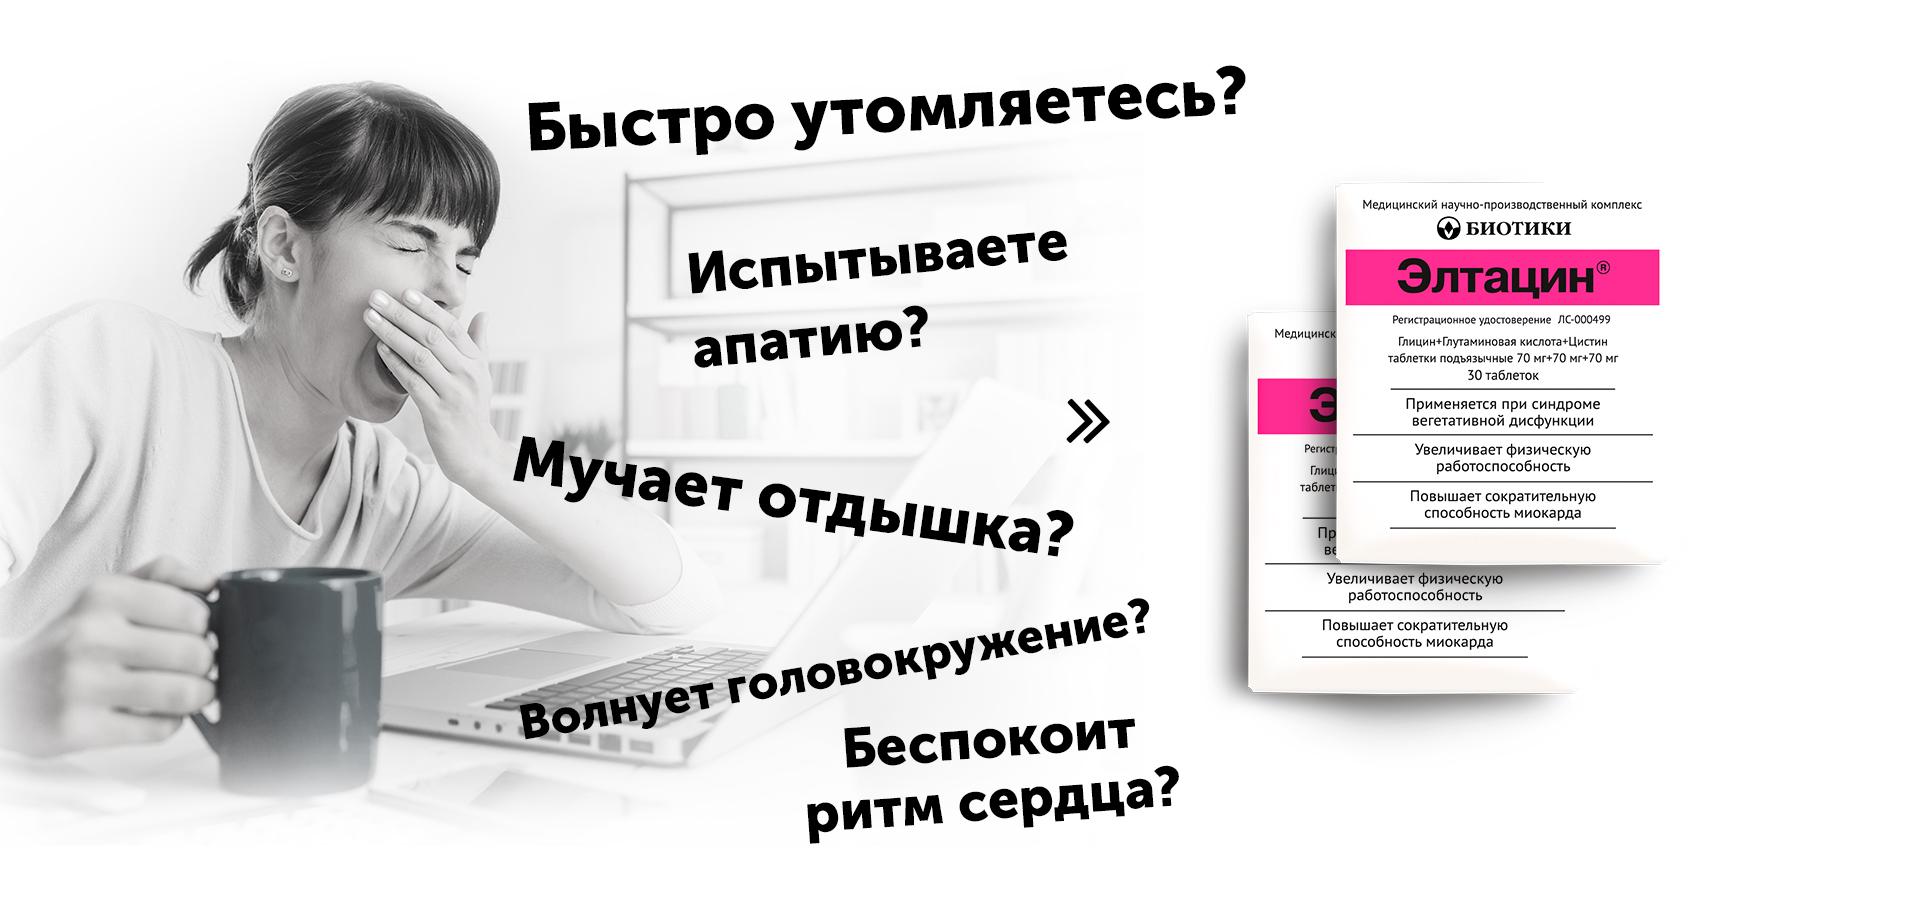 Дизайн главной страницы сайта лекарственного препарата фото f_4615c8d6a2c55aea.jpg